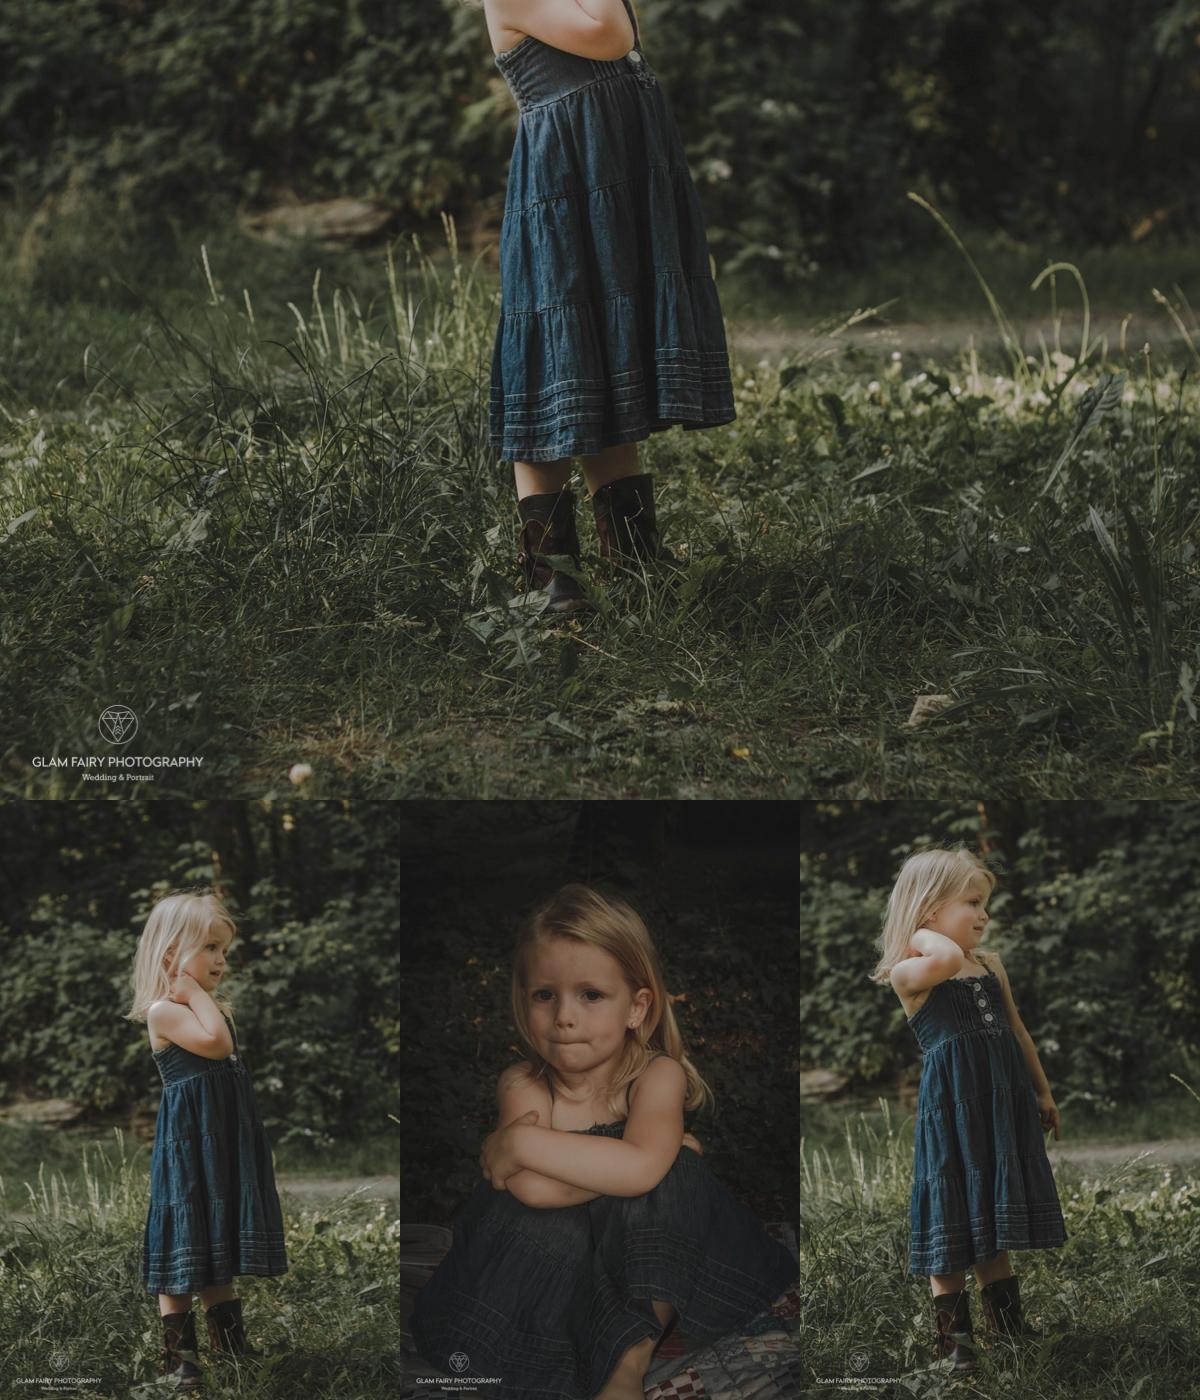 GlamFairyPhotography-photographe-seance-enfant-gipsy-eloise_0003